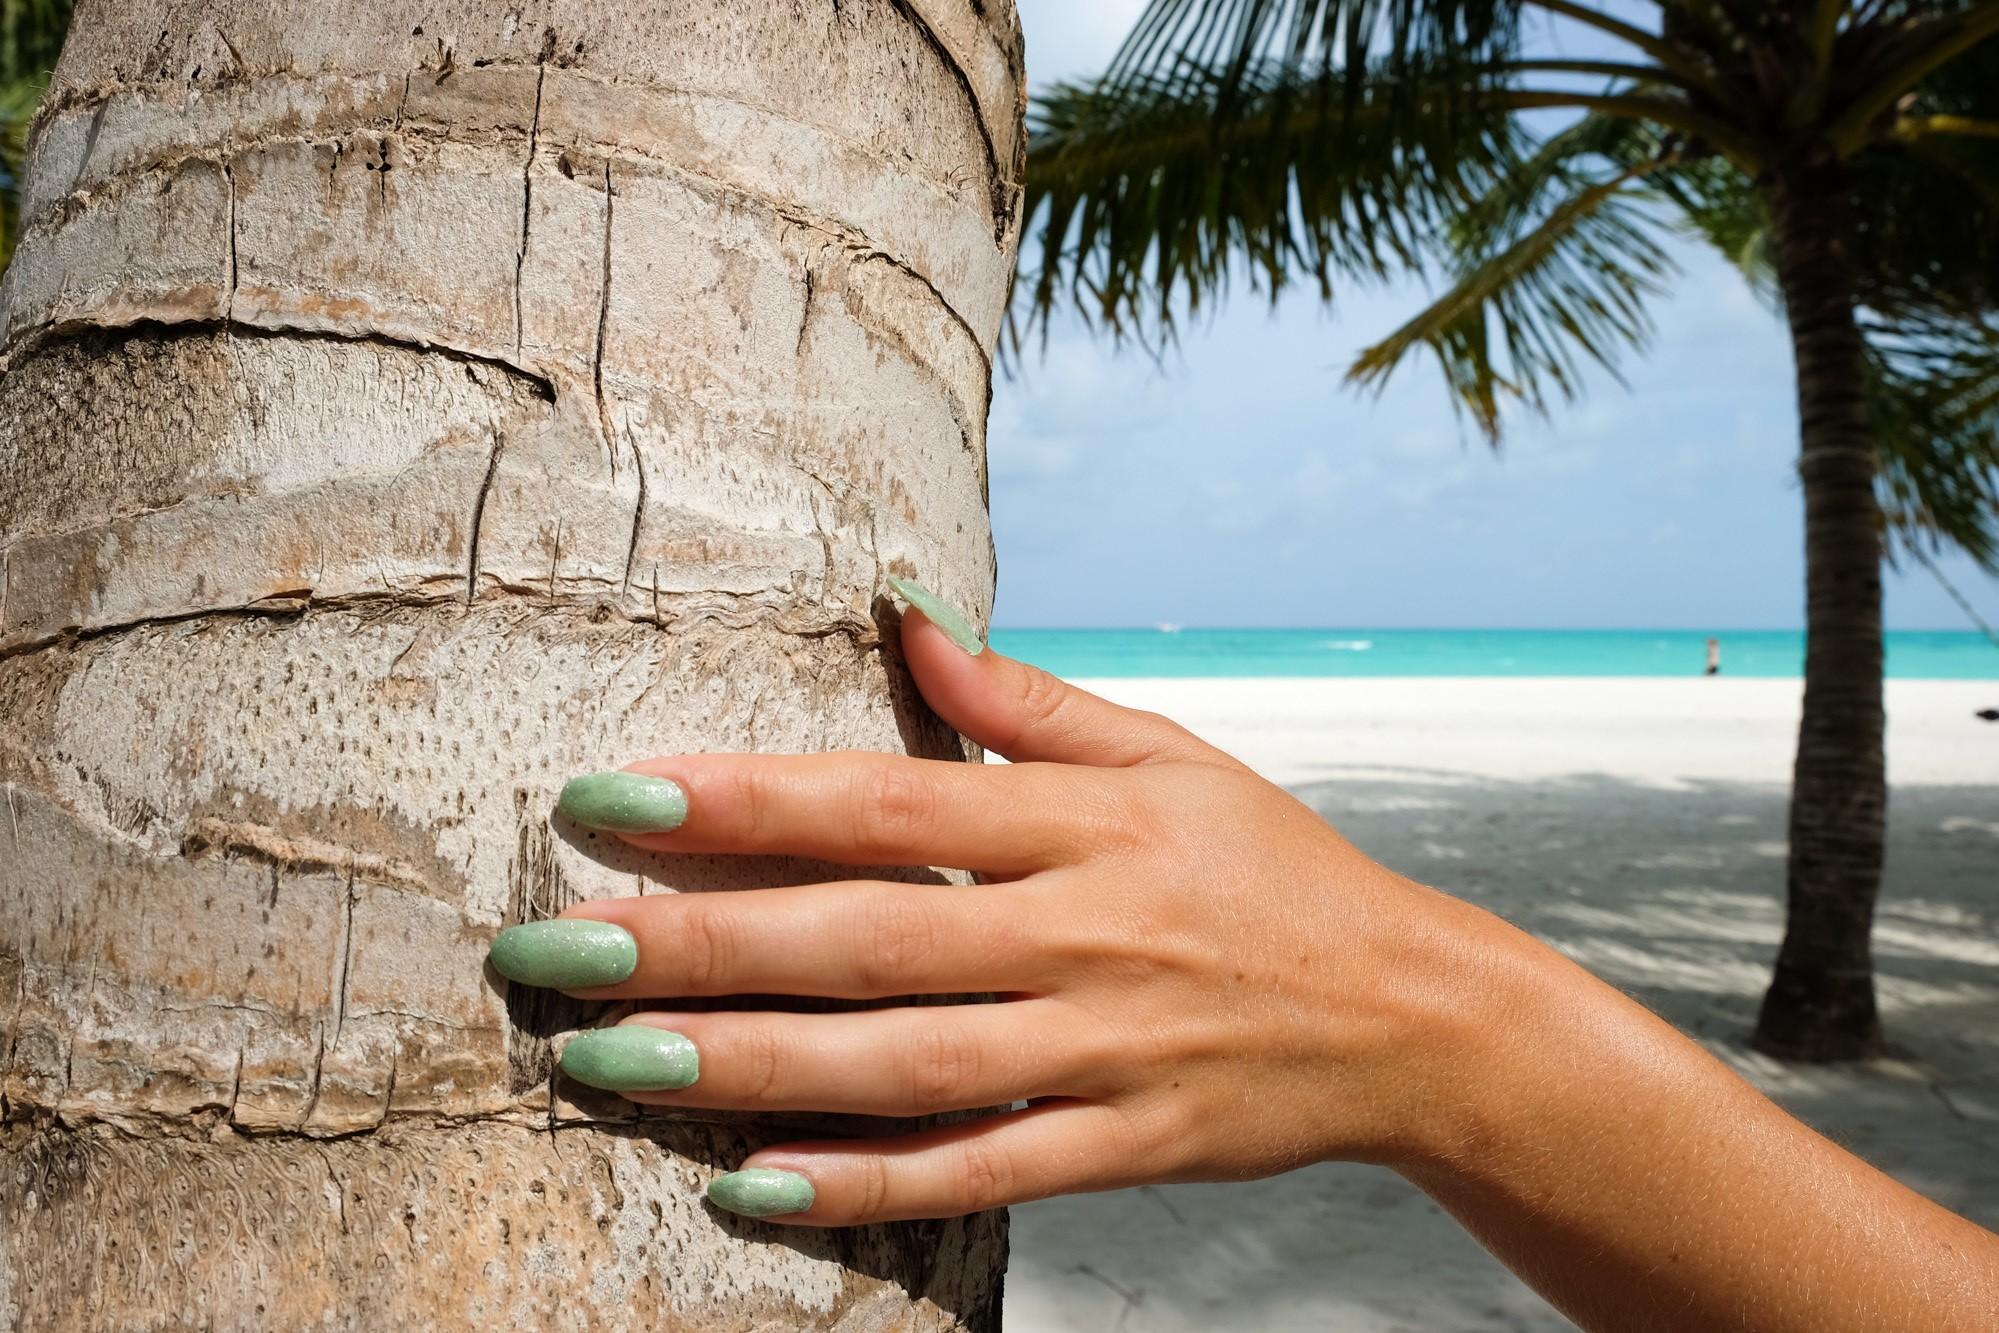 Maldives Travel Nails